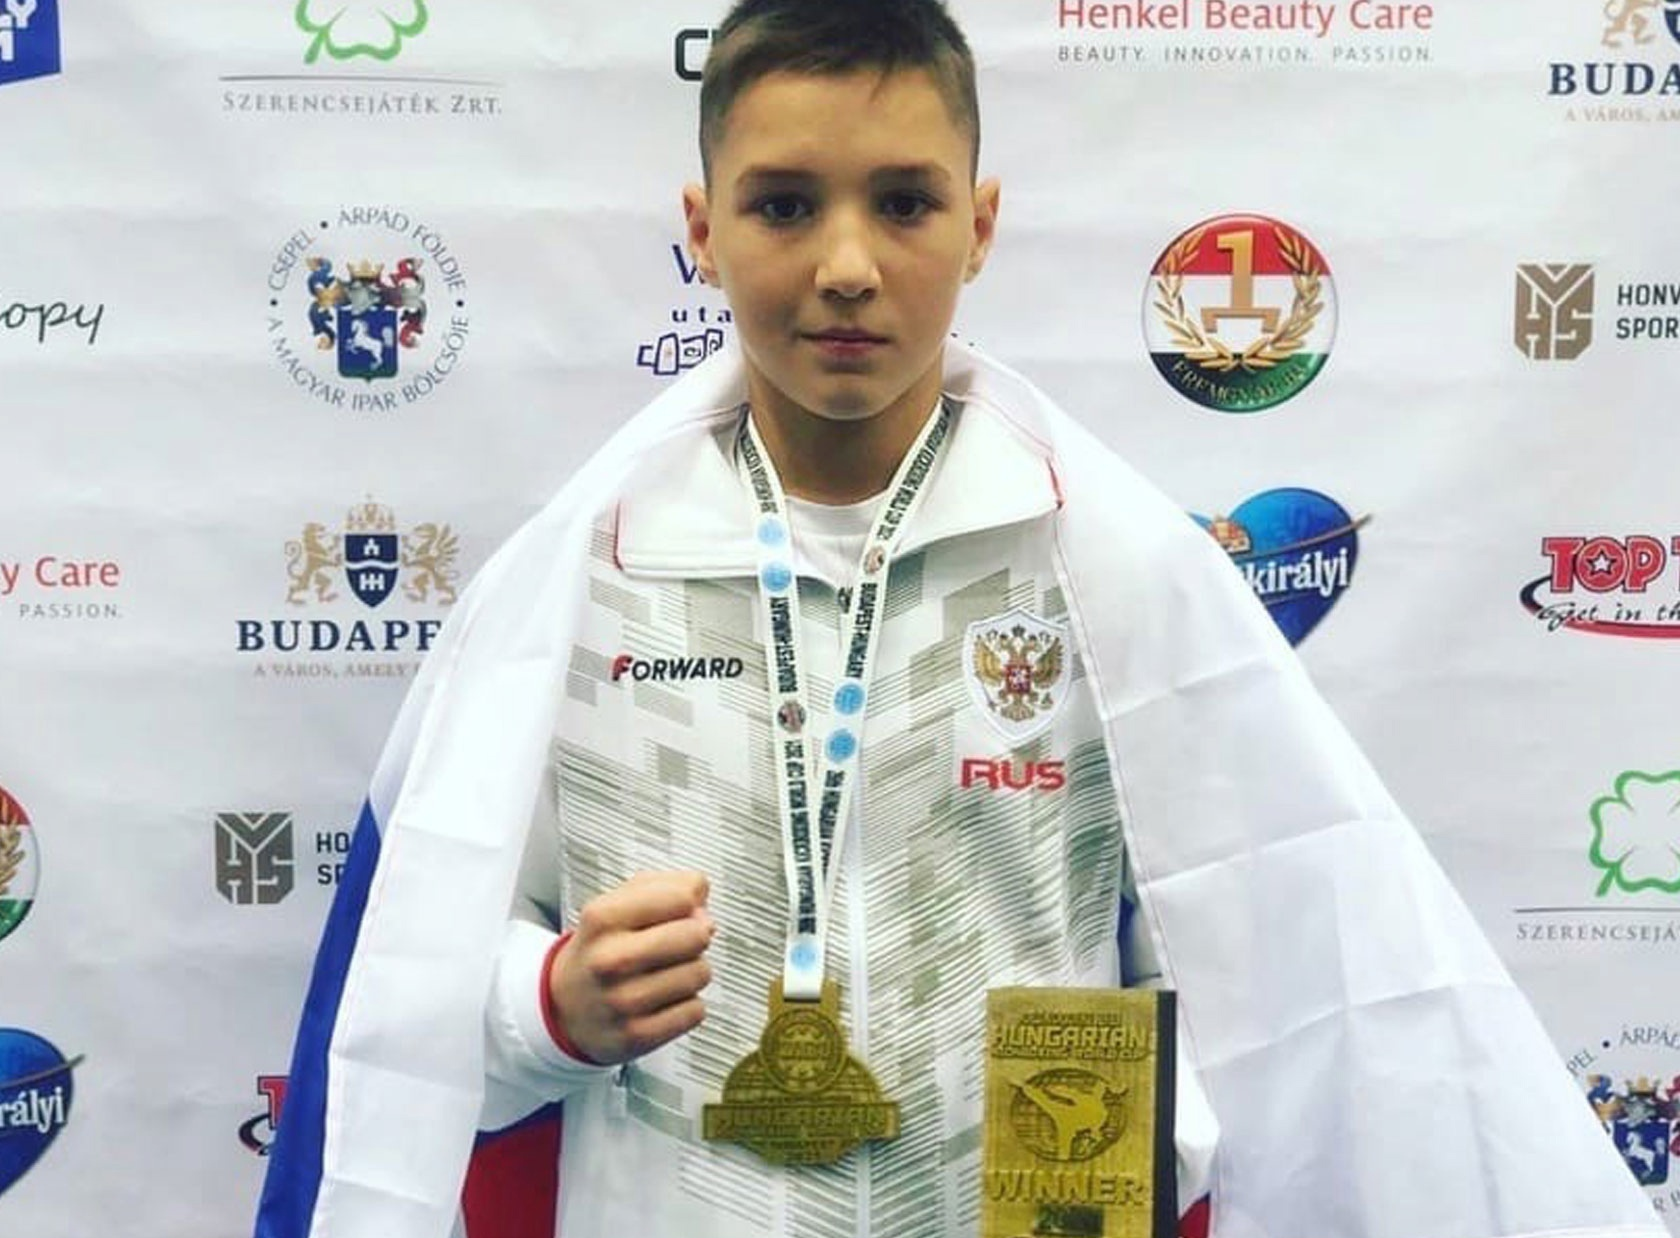 Юный ижевчанин выиграл Кубок мира по кикбоксингу